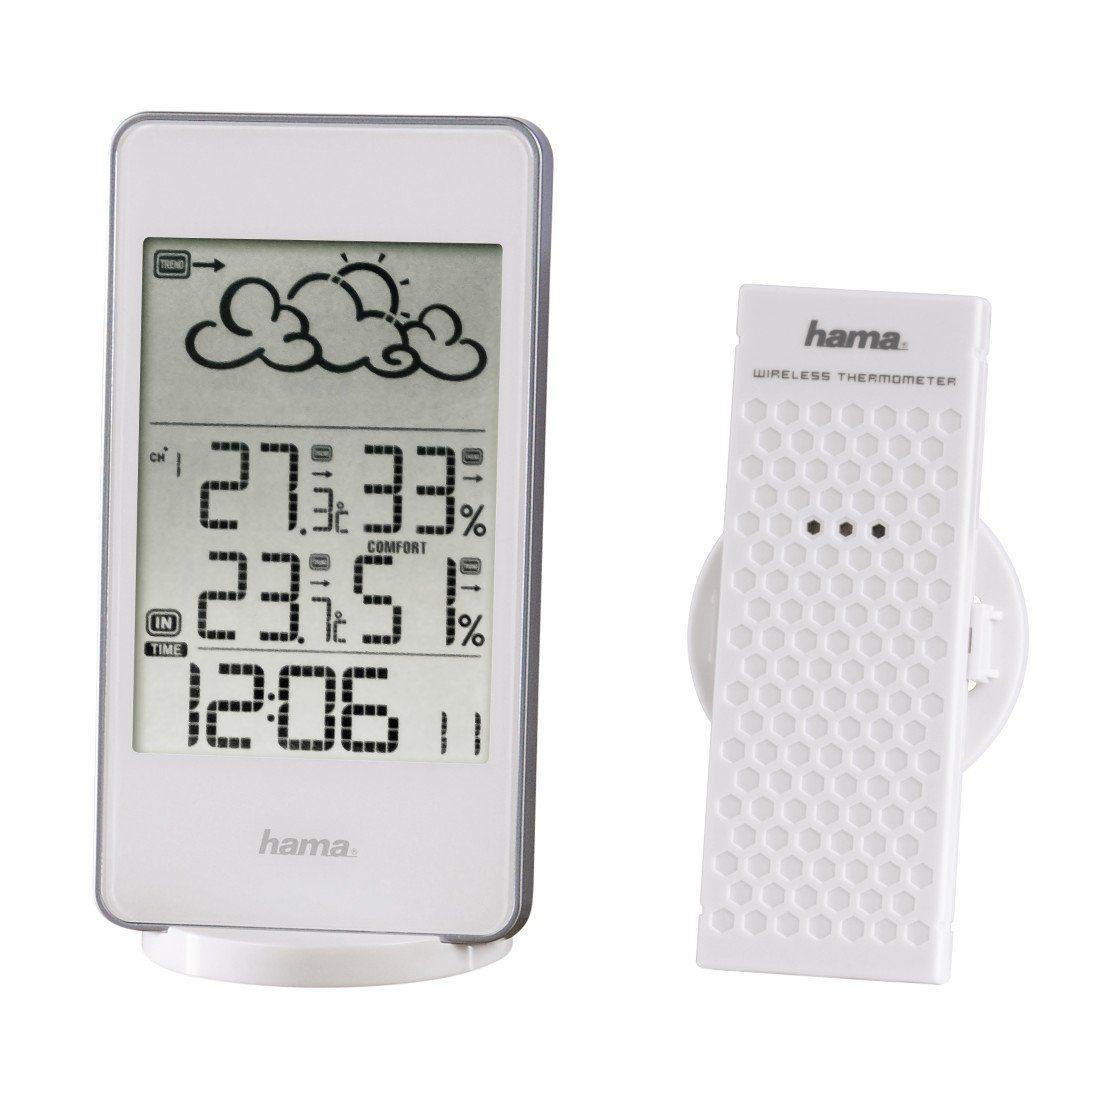 Hama Wetterstation EWS-860, Weiß